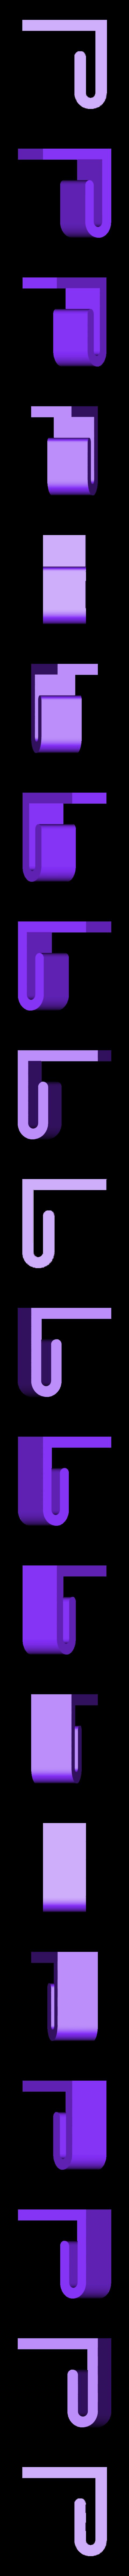 WheelieBin_Liner_Clip_Rear.stl Télécharger fichier STL gratuit Clips de doublure Wheelie-Bin Liner Clips • Design pour impression 3D, shawnrchq